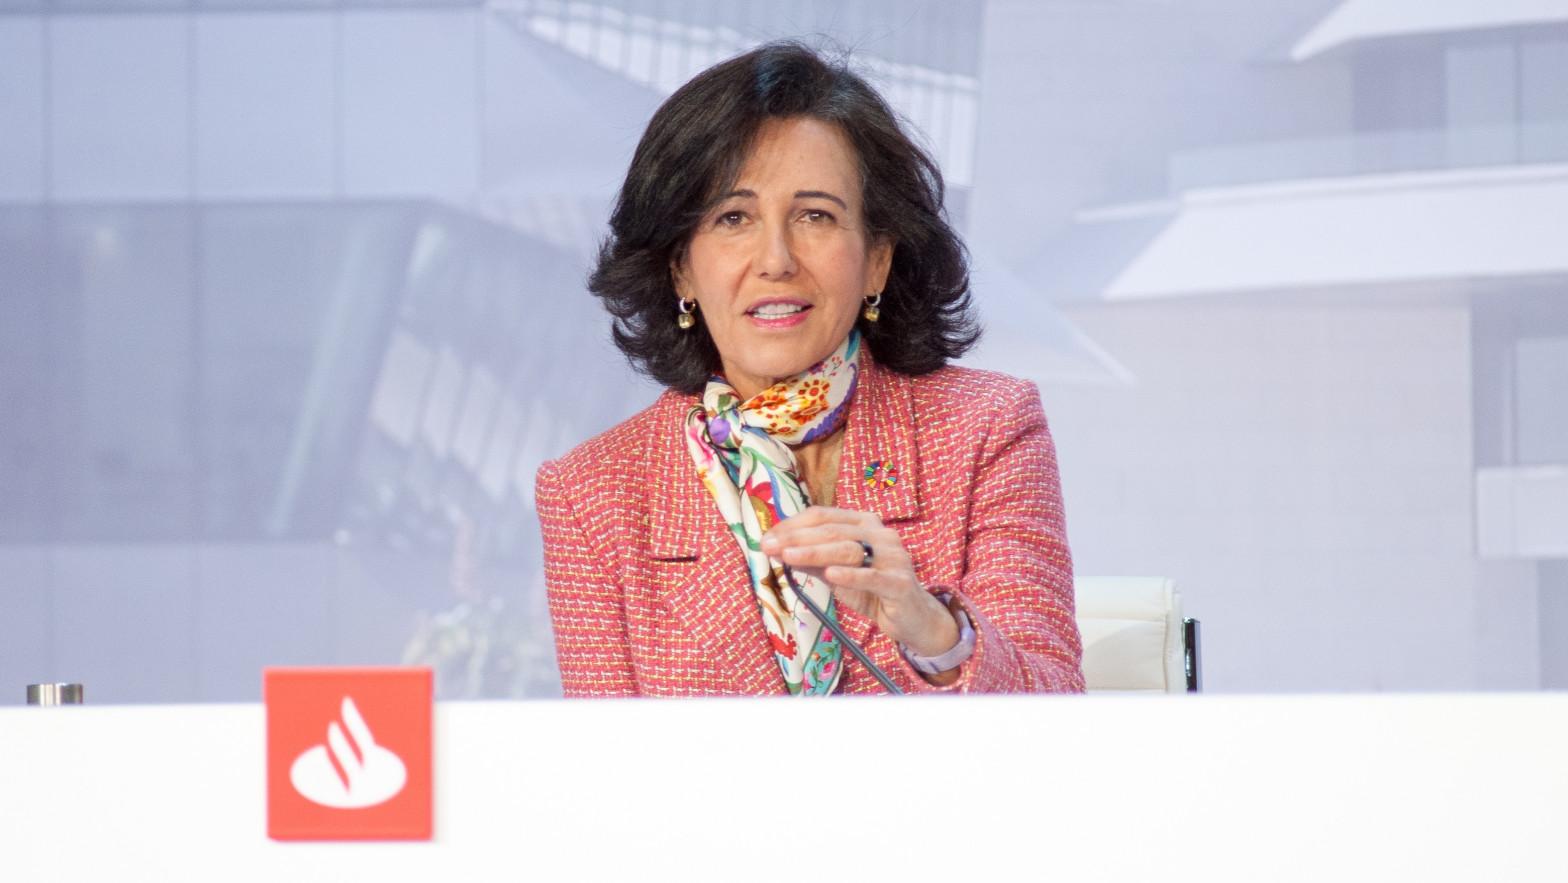 El Santander ya no quiere banqueros: contrata a 2.000 ingenieros tras el ERE de 3.500 personas